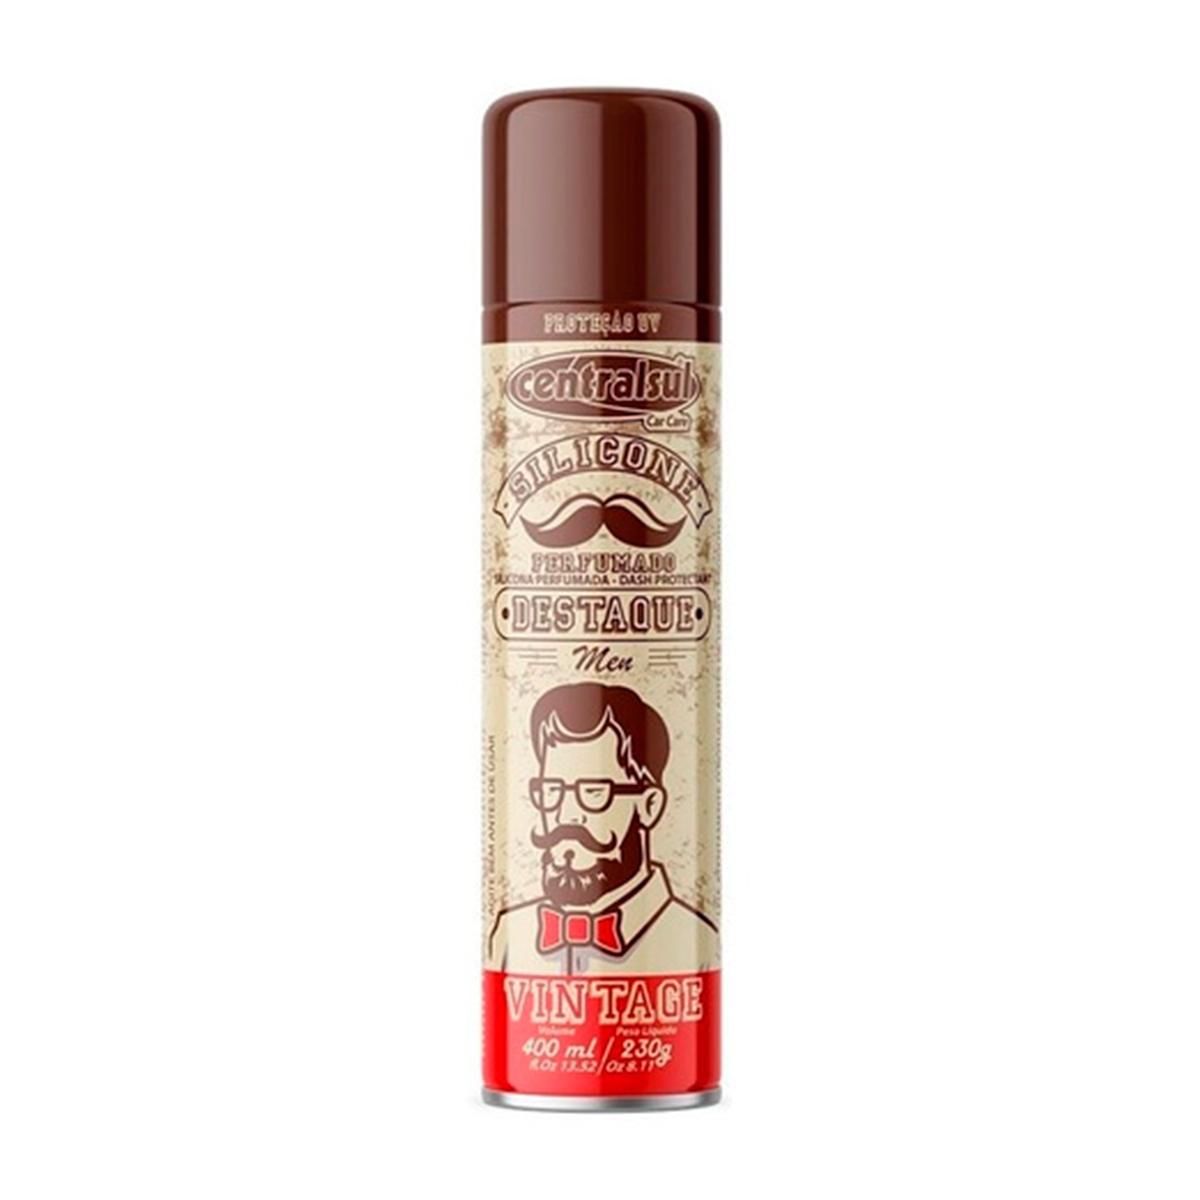 Silicone Perfumado Aerossol Men Vintage 400ml - Centralsul